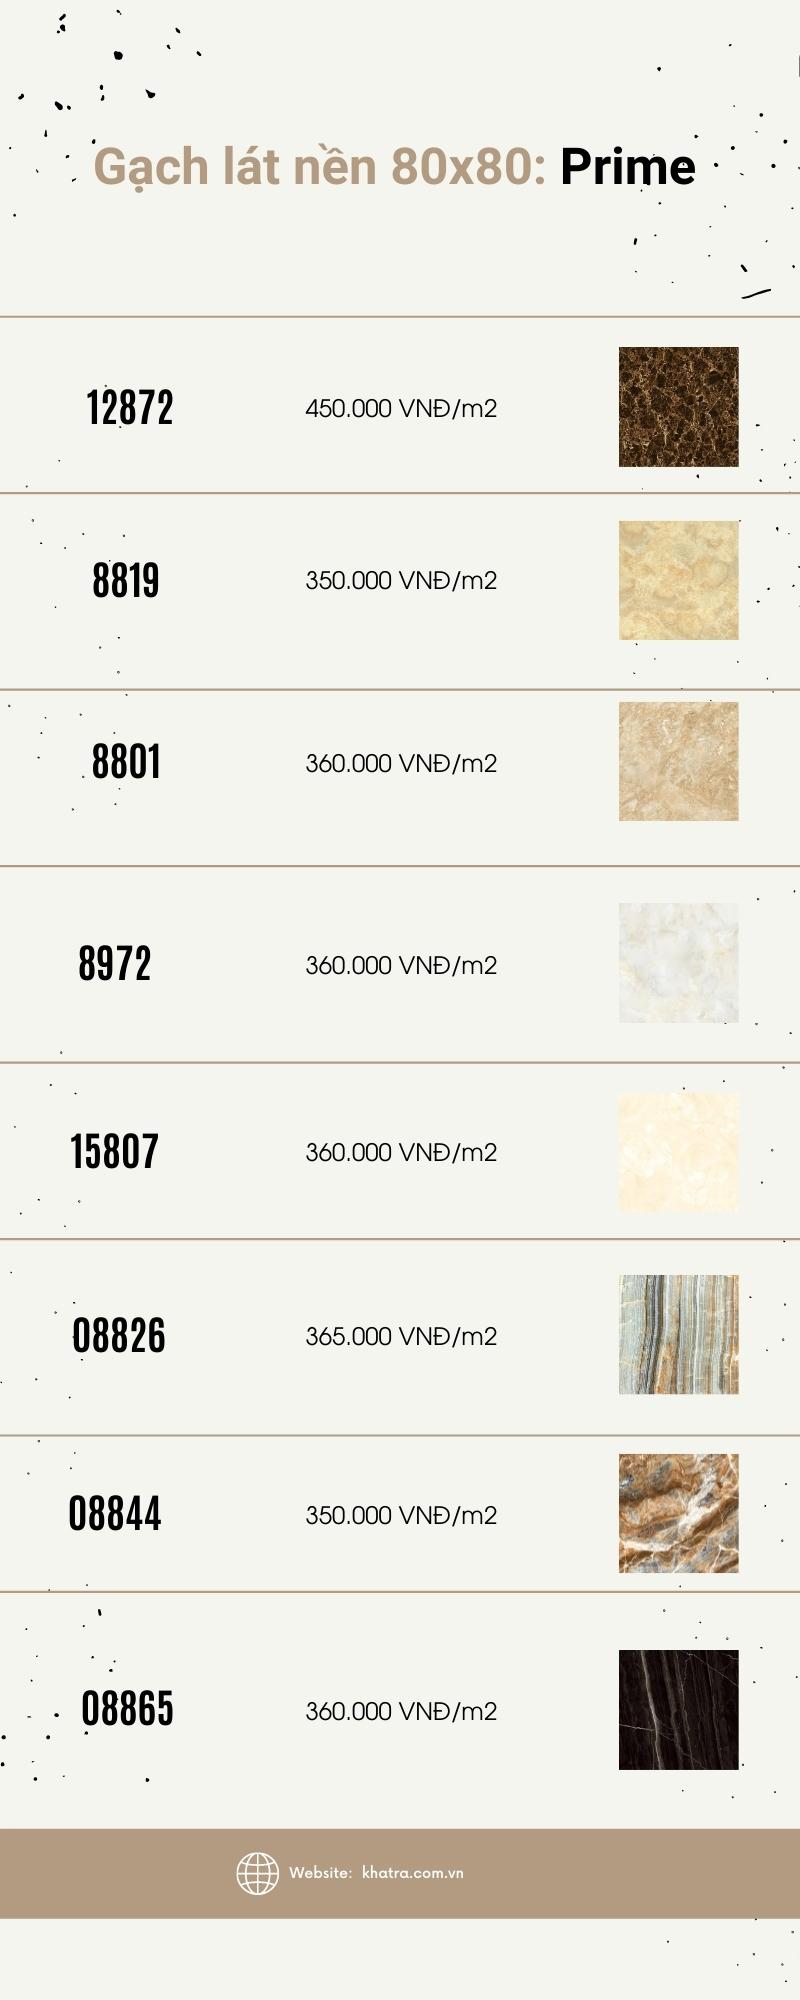 Giá các mẫu gạch lát nền 80x80 Prime